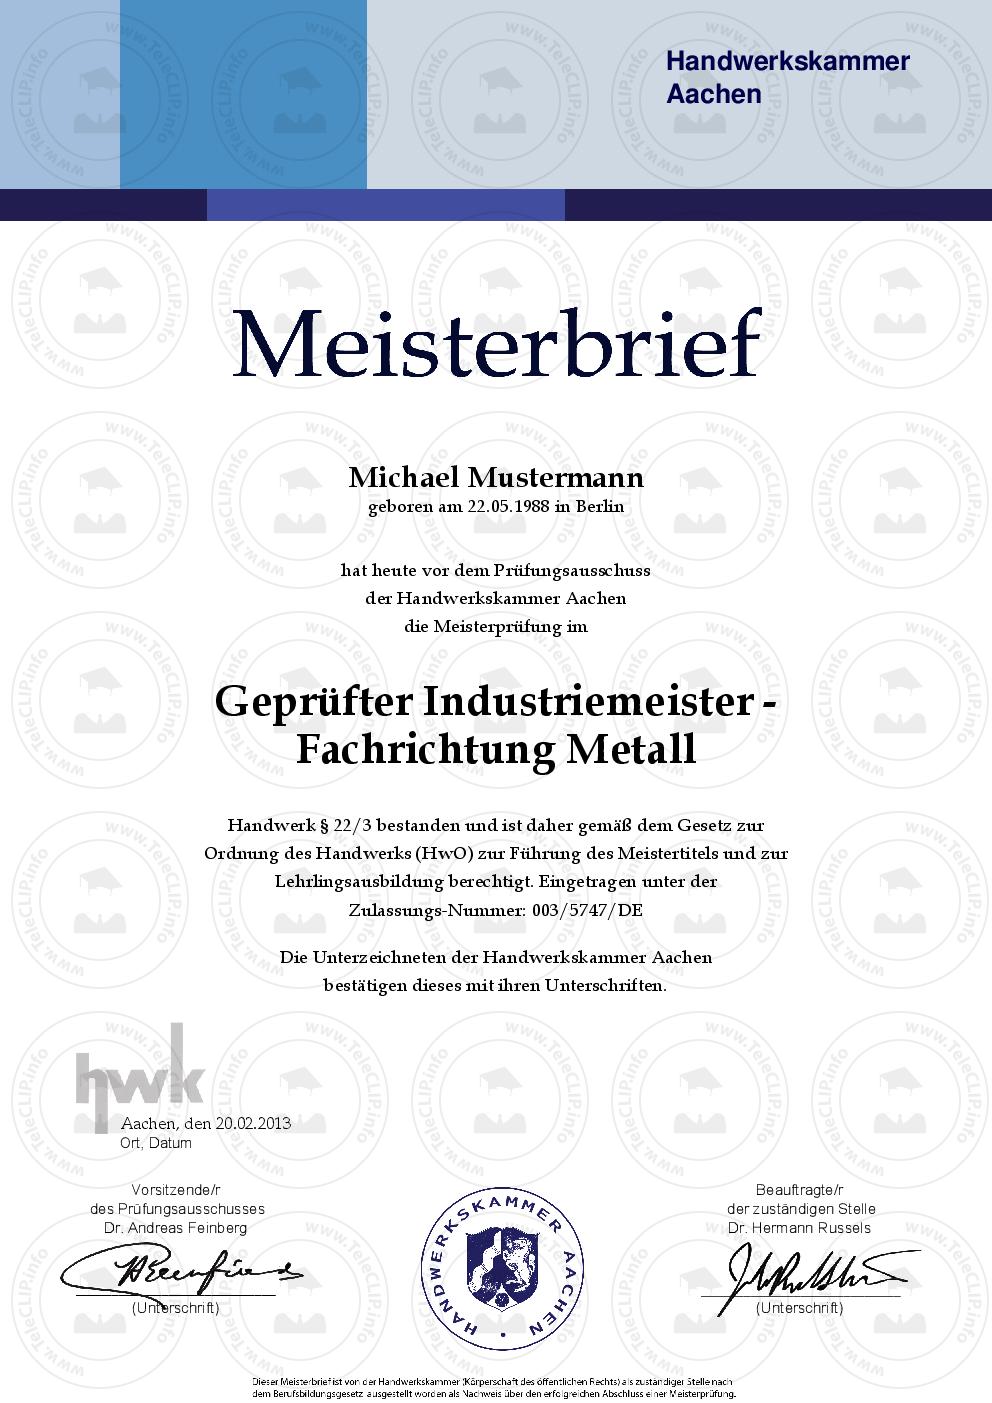 HWK Meisterbrief kaufen | Master Urkunde online kaufen